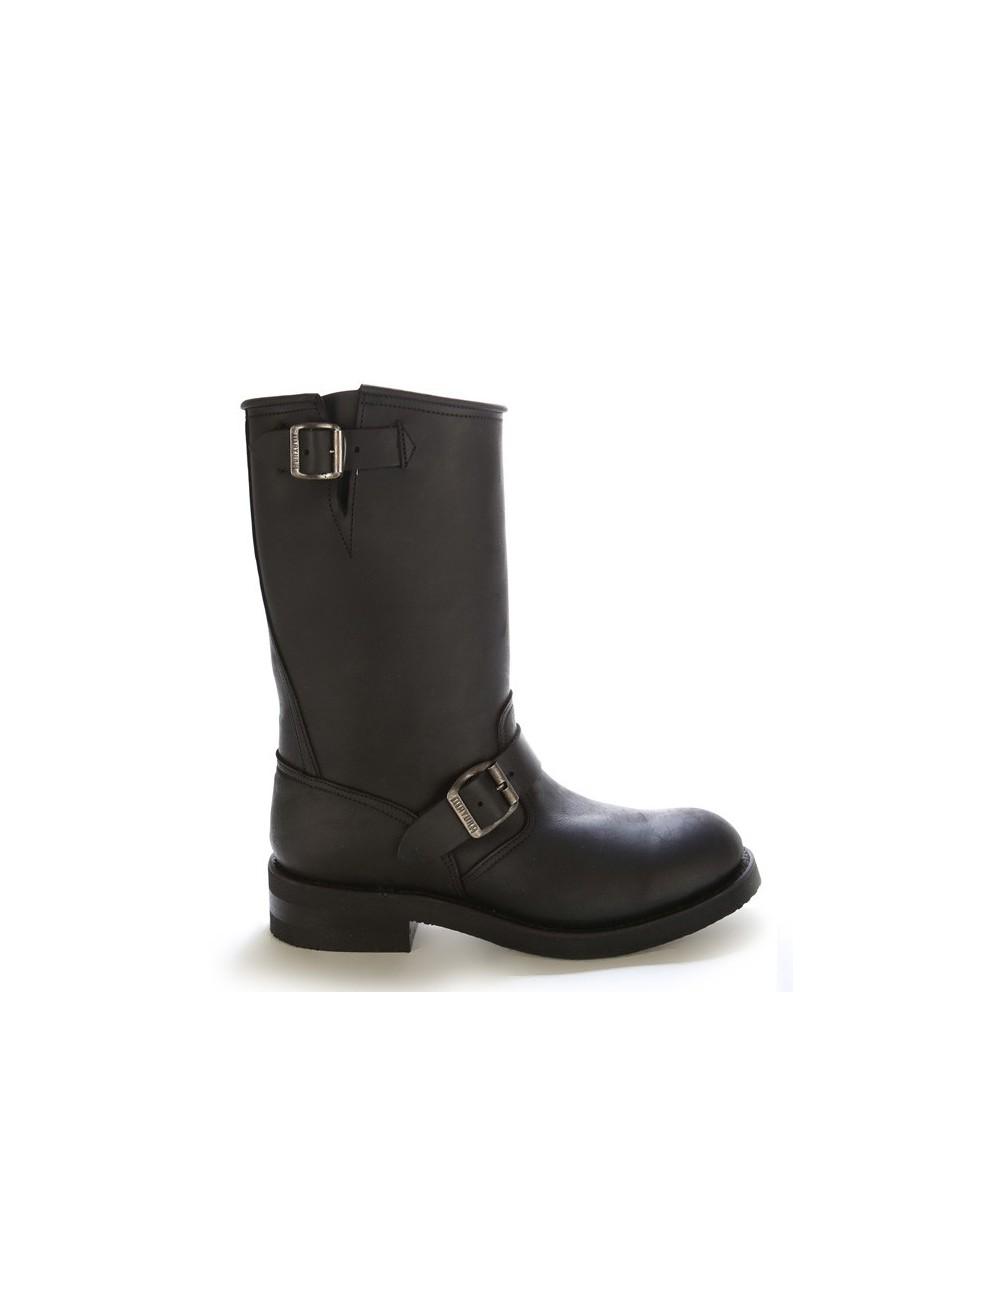 Chaussures noir cuir moto bout coqué lcTuKJF135